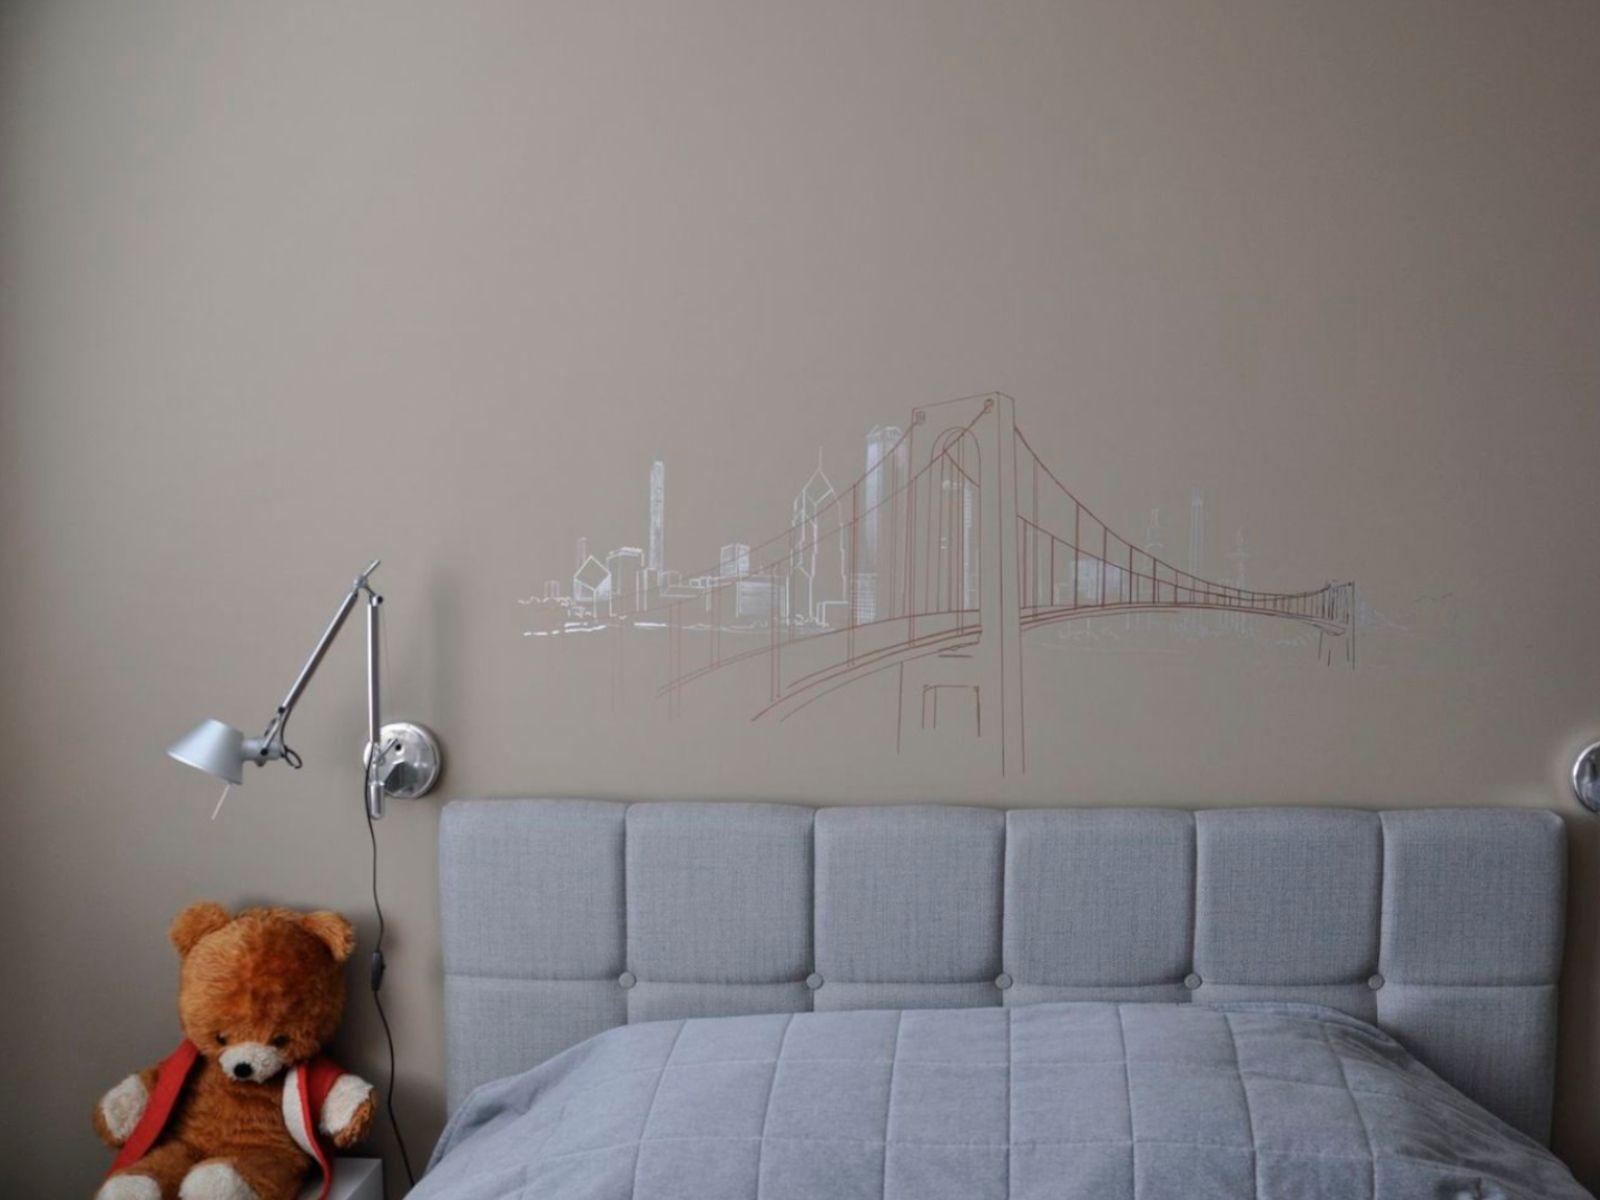 Wandzeichnung - Bruecke - Stadtsilhouette